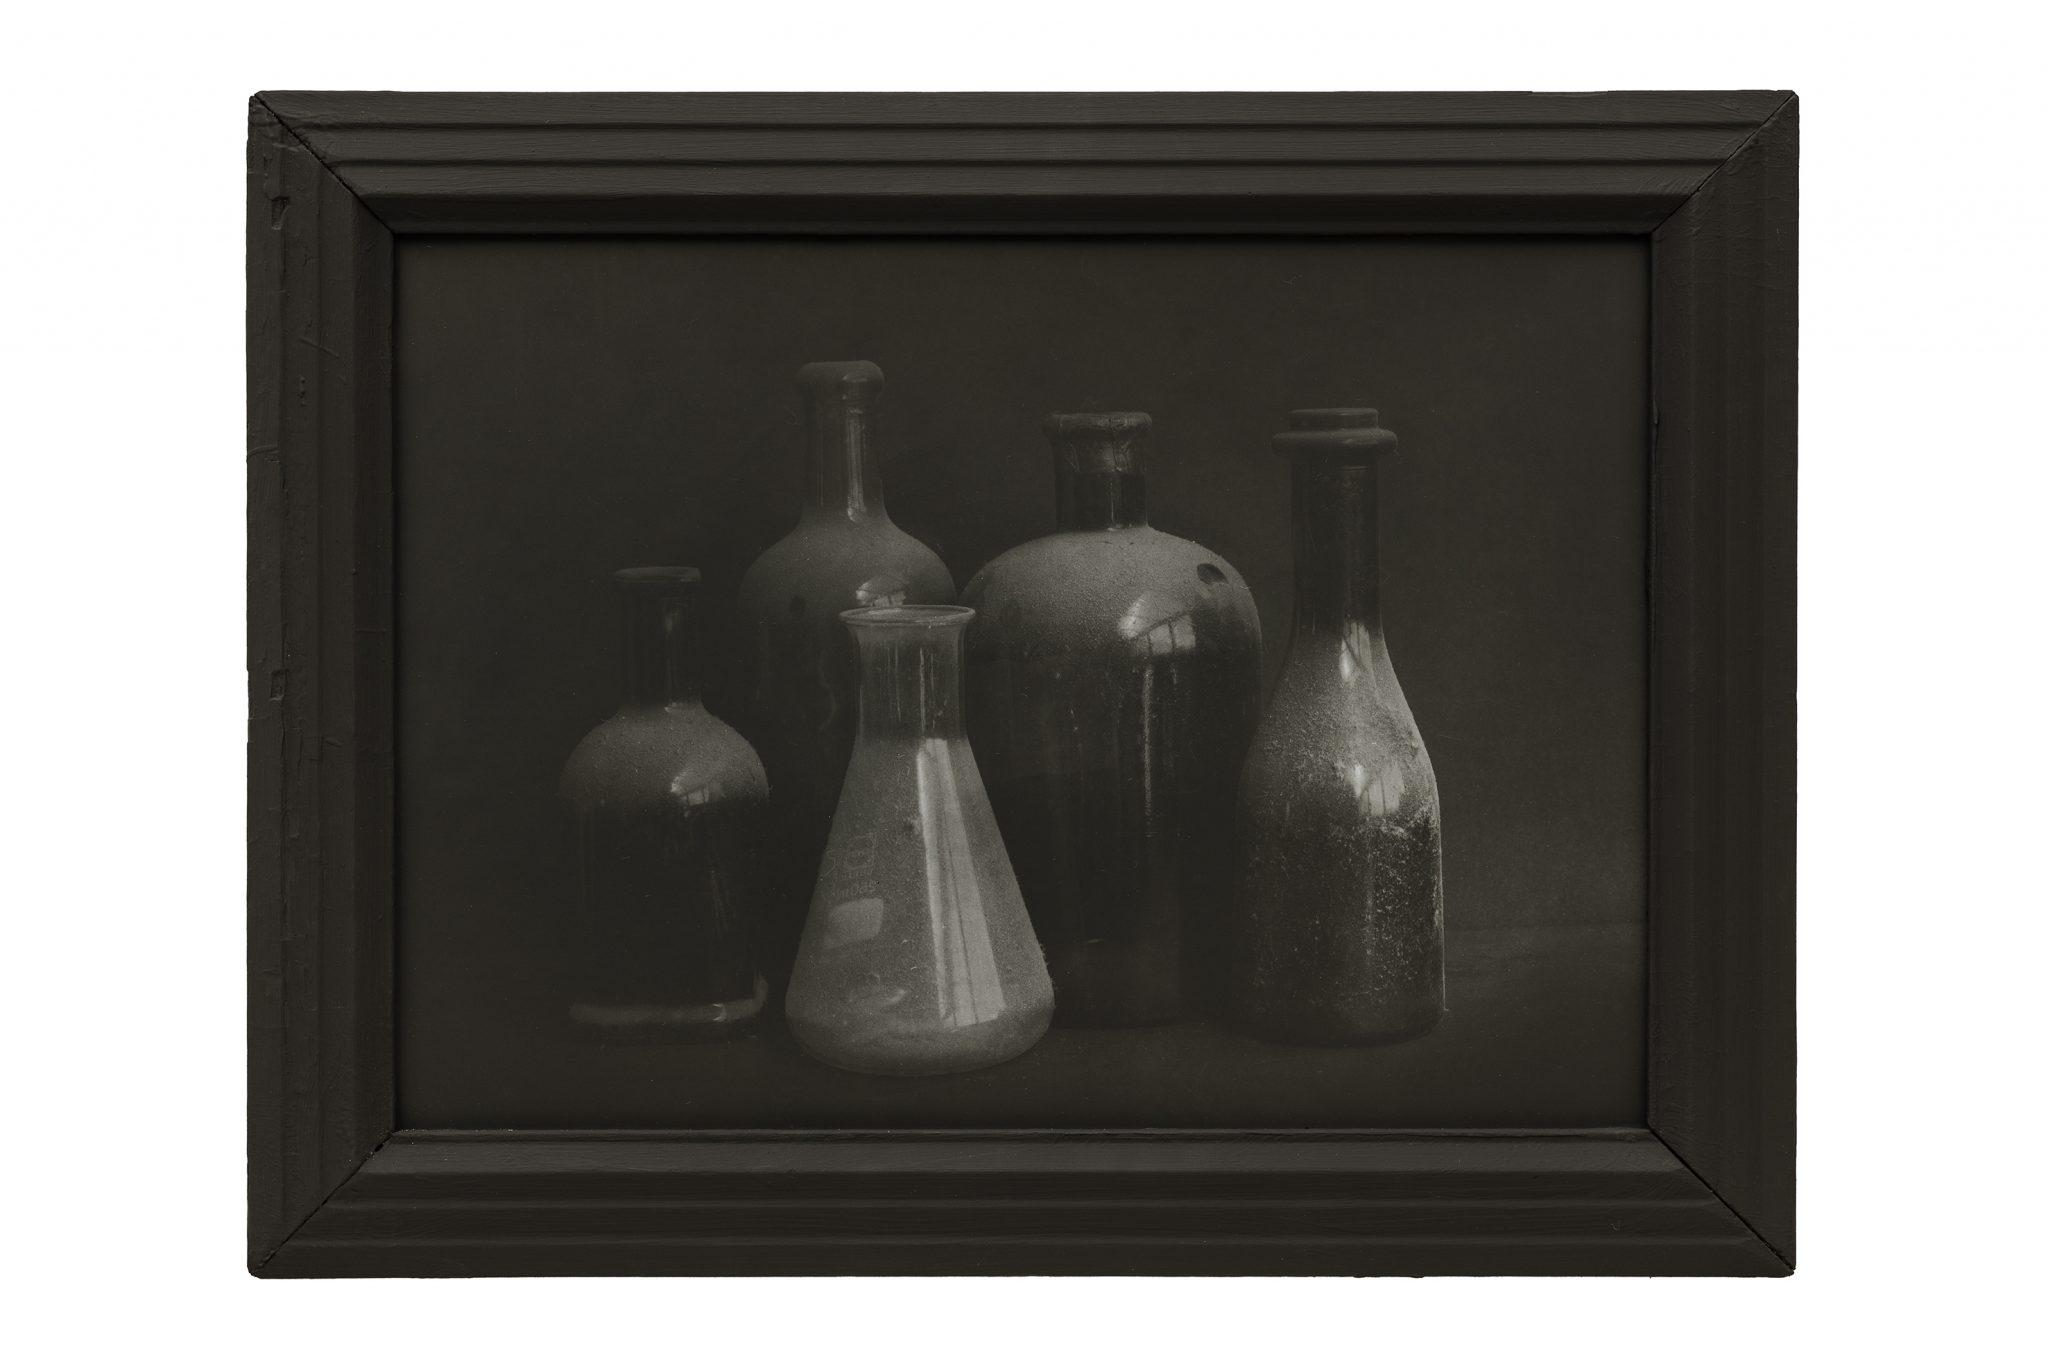 Il vuoto e il silenzio negli scatti di Sergio Scabar, l'alchimista della fotografia